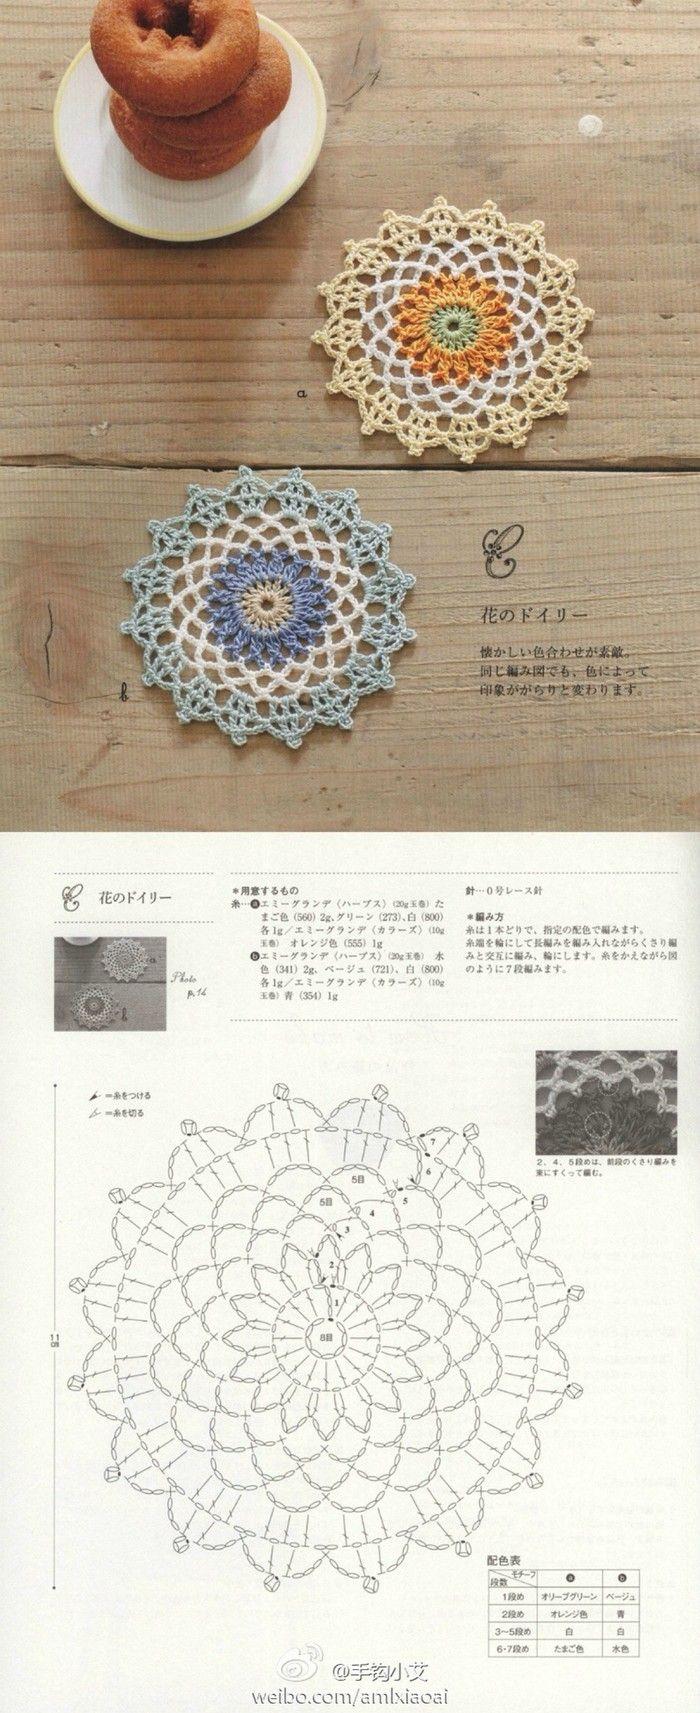 钩针编织...来自月丫儿_垚的图片分享-堆糖 | coasters | Pinterest ...